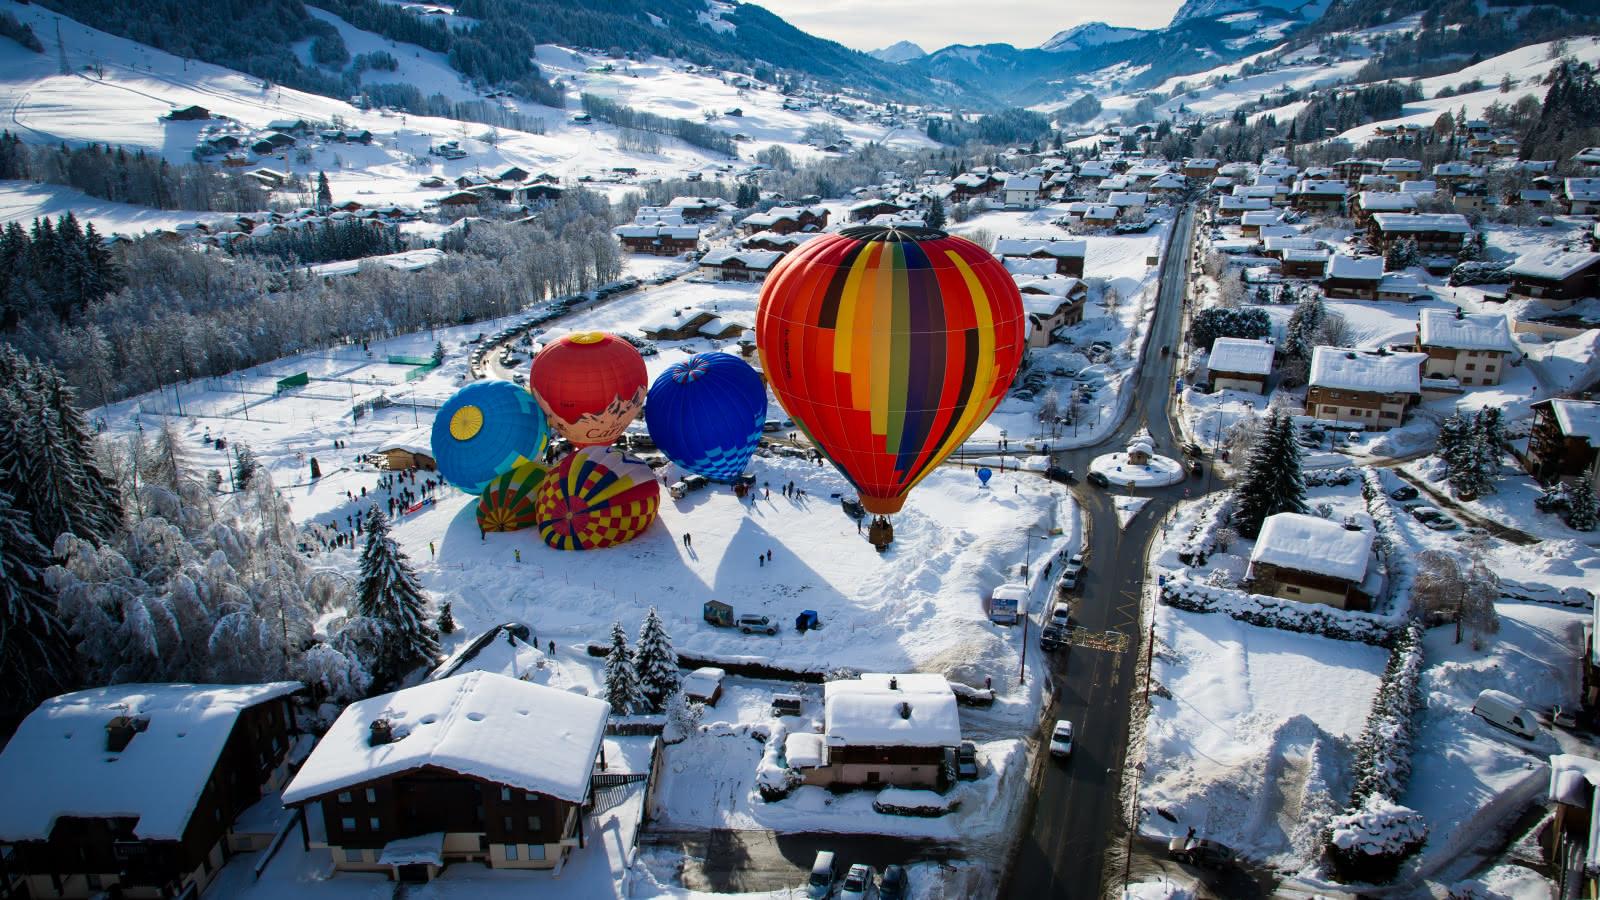 Départ en montgolfières au cœur de la station enneigée